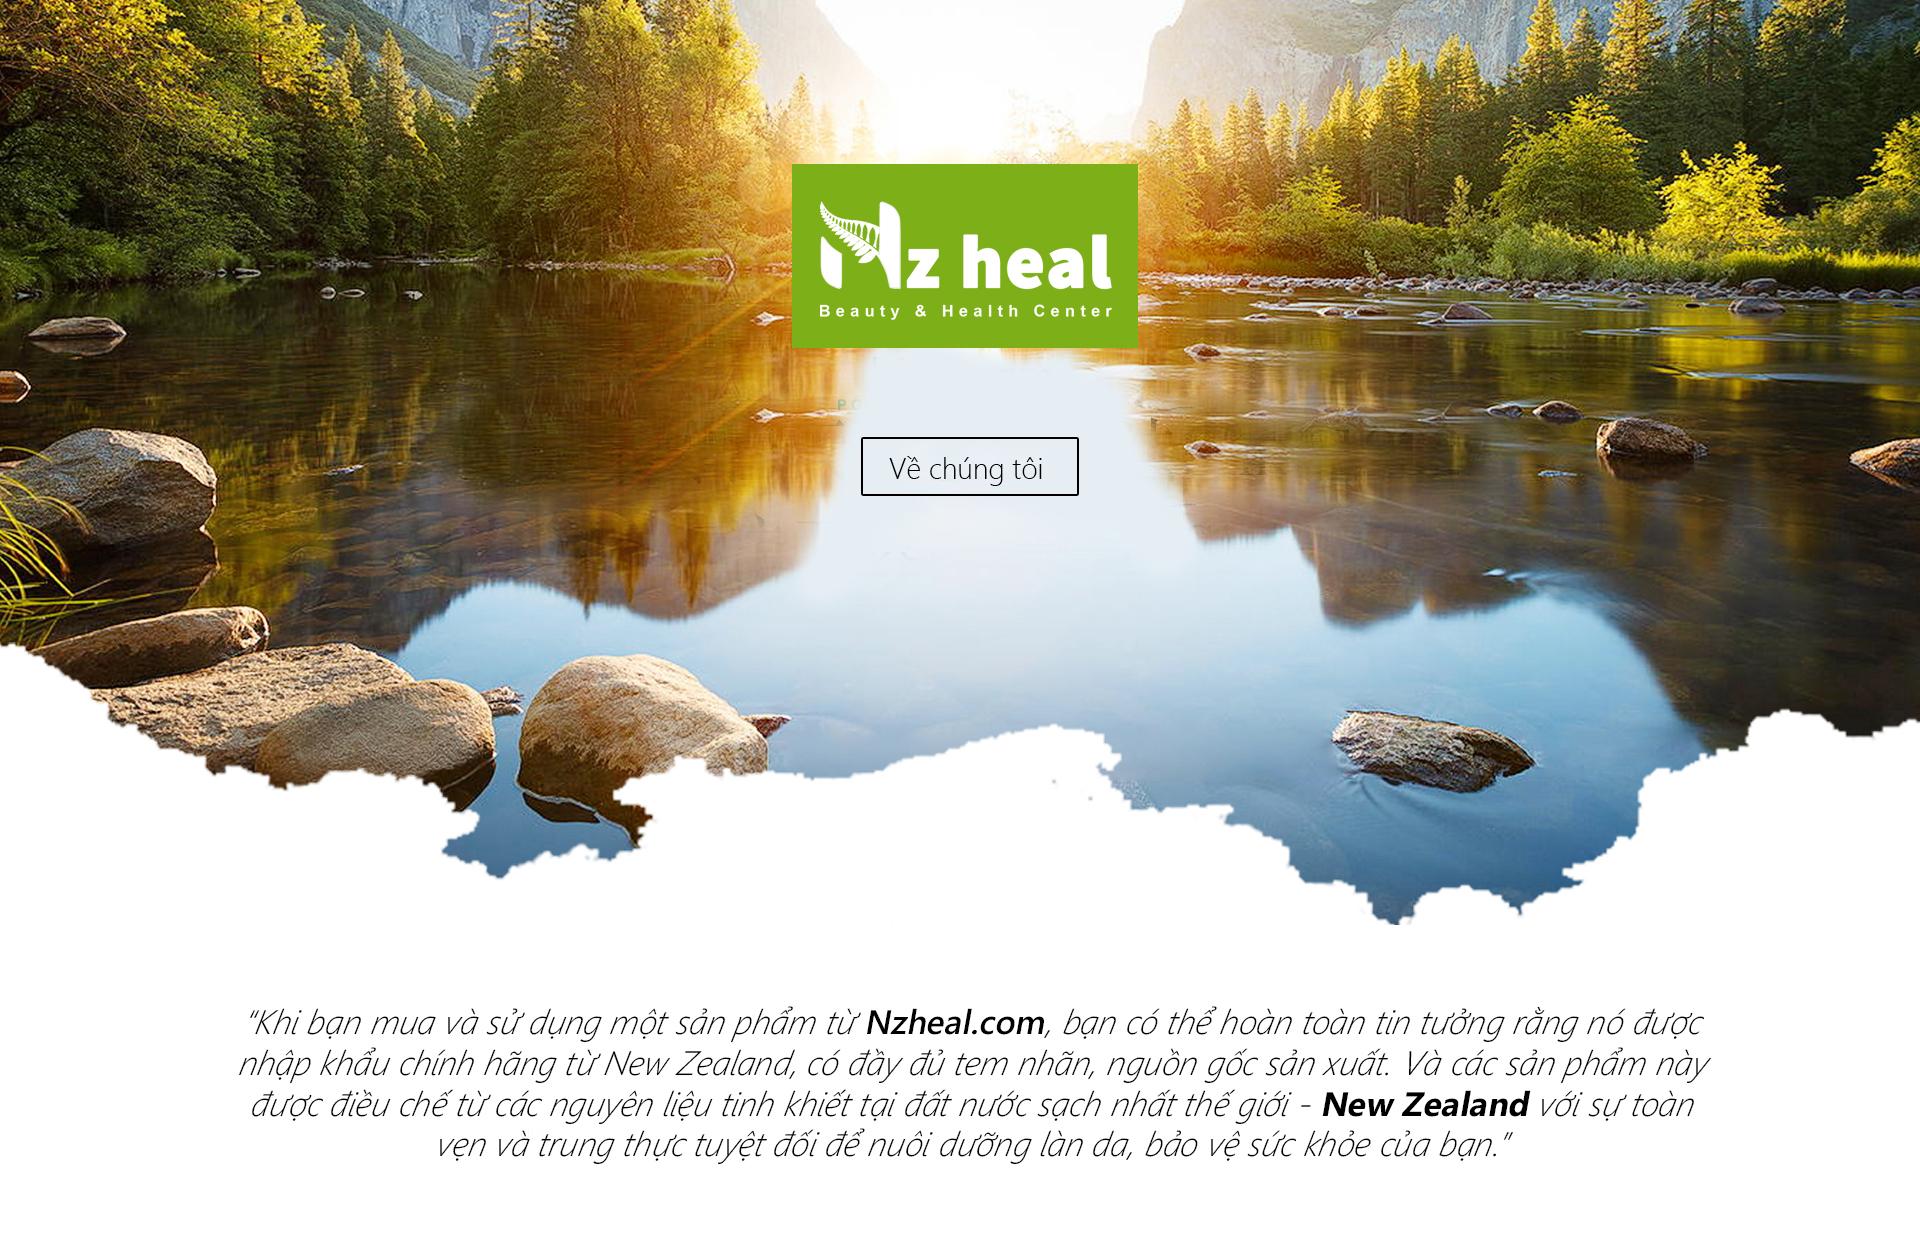 Nzheal - Chăm có sức khoe rvaf sức đẹp từ sản phẩm New Zealand